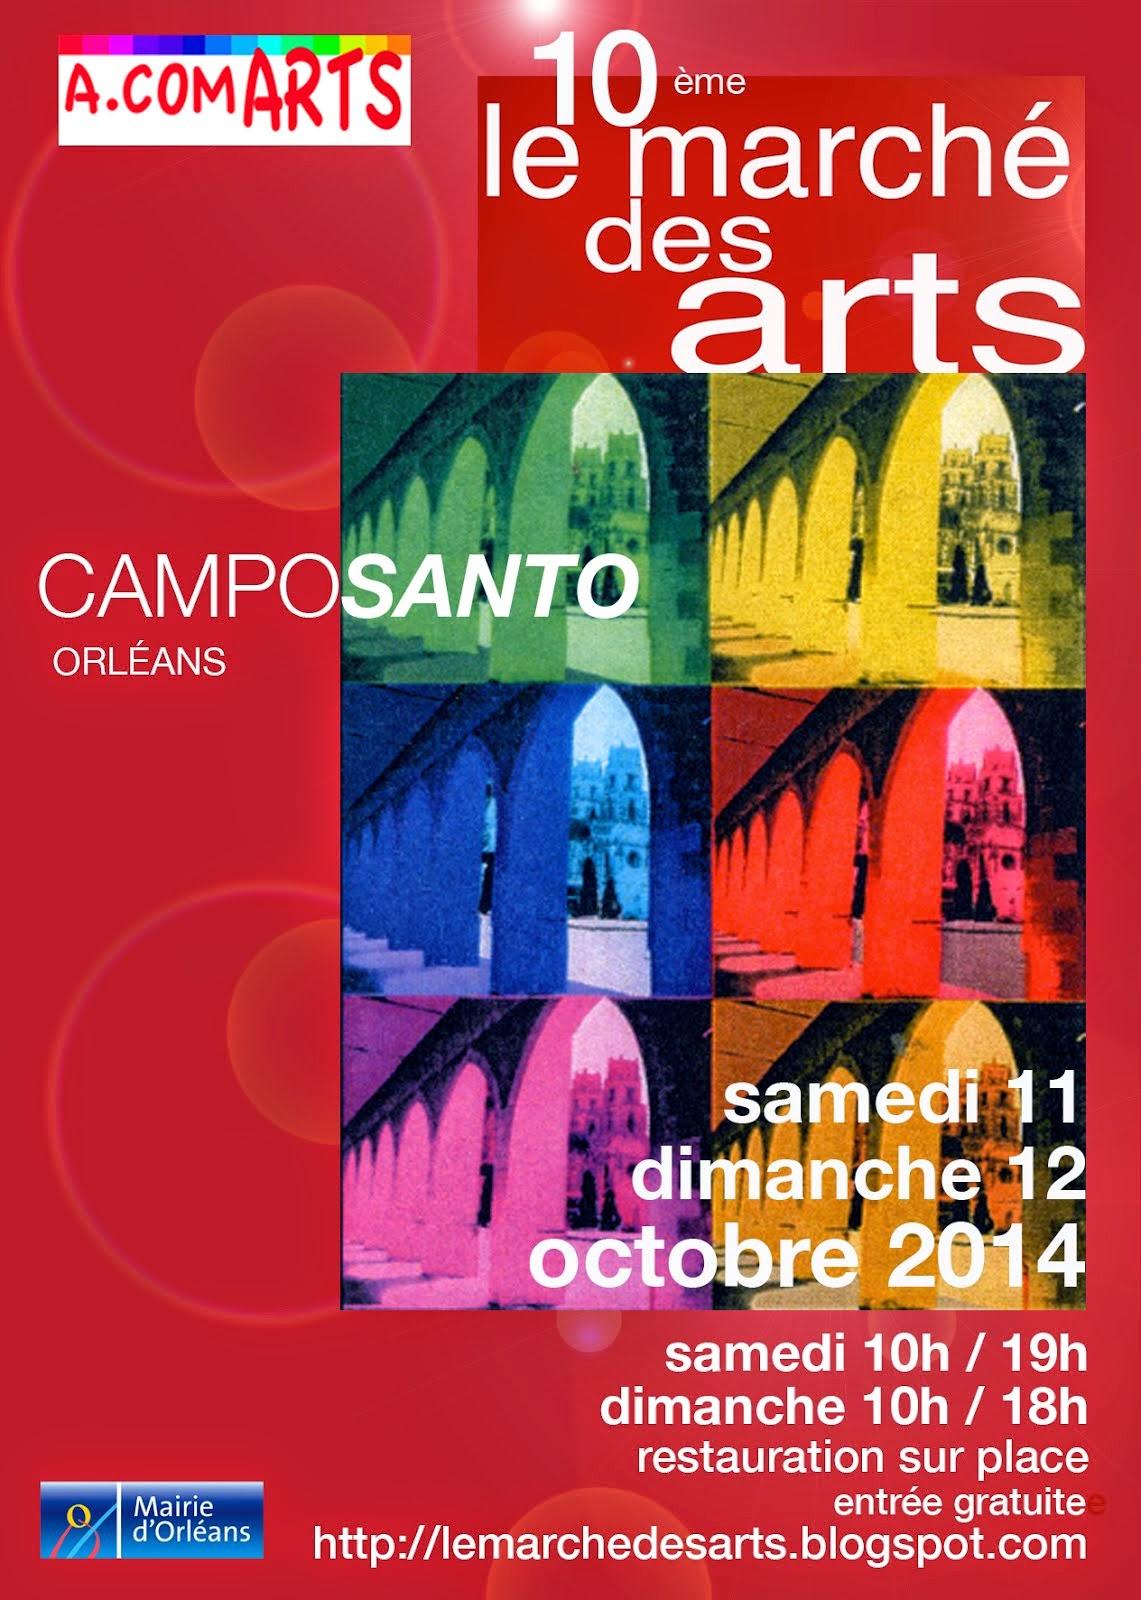 ORLEANS : CAPTON AU 10ème MARCHÉ DES ARTS DU CAMPO SANTO